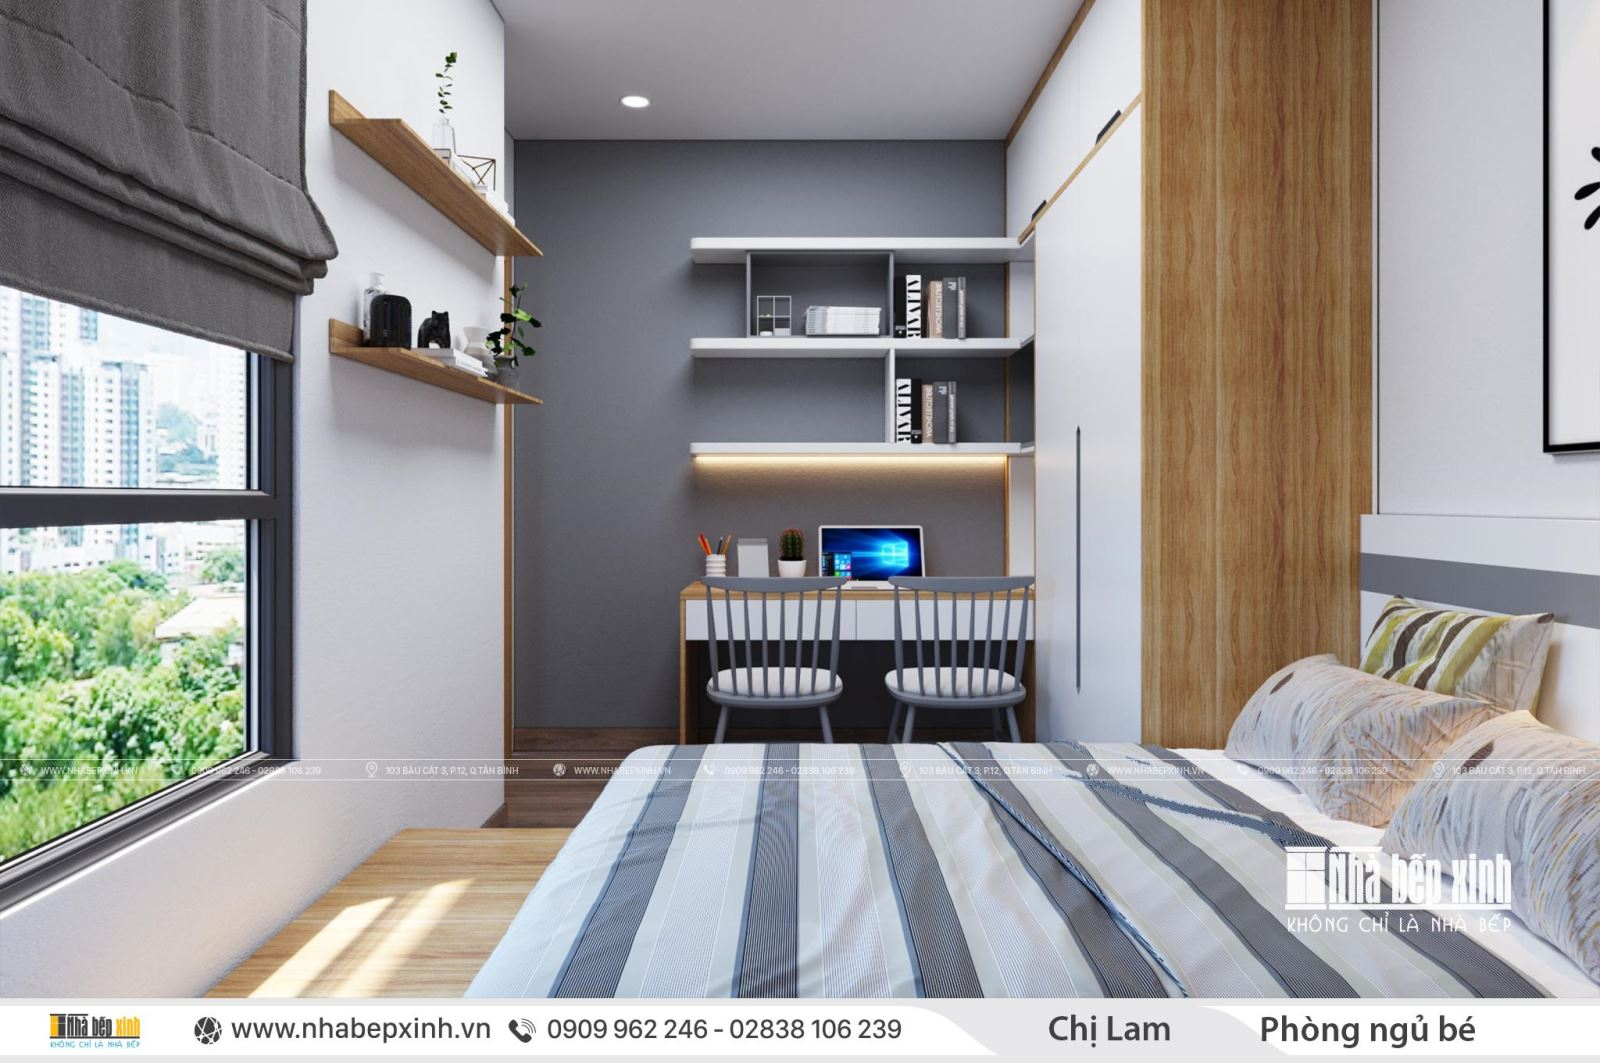 Mẫu thiết kế nội thất căn hộ chung cư hiện đại tại Emerald Celadon City 74m2